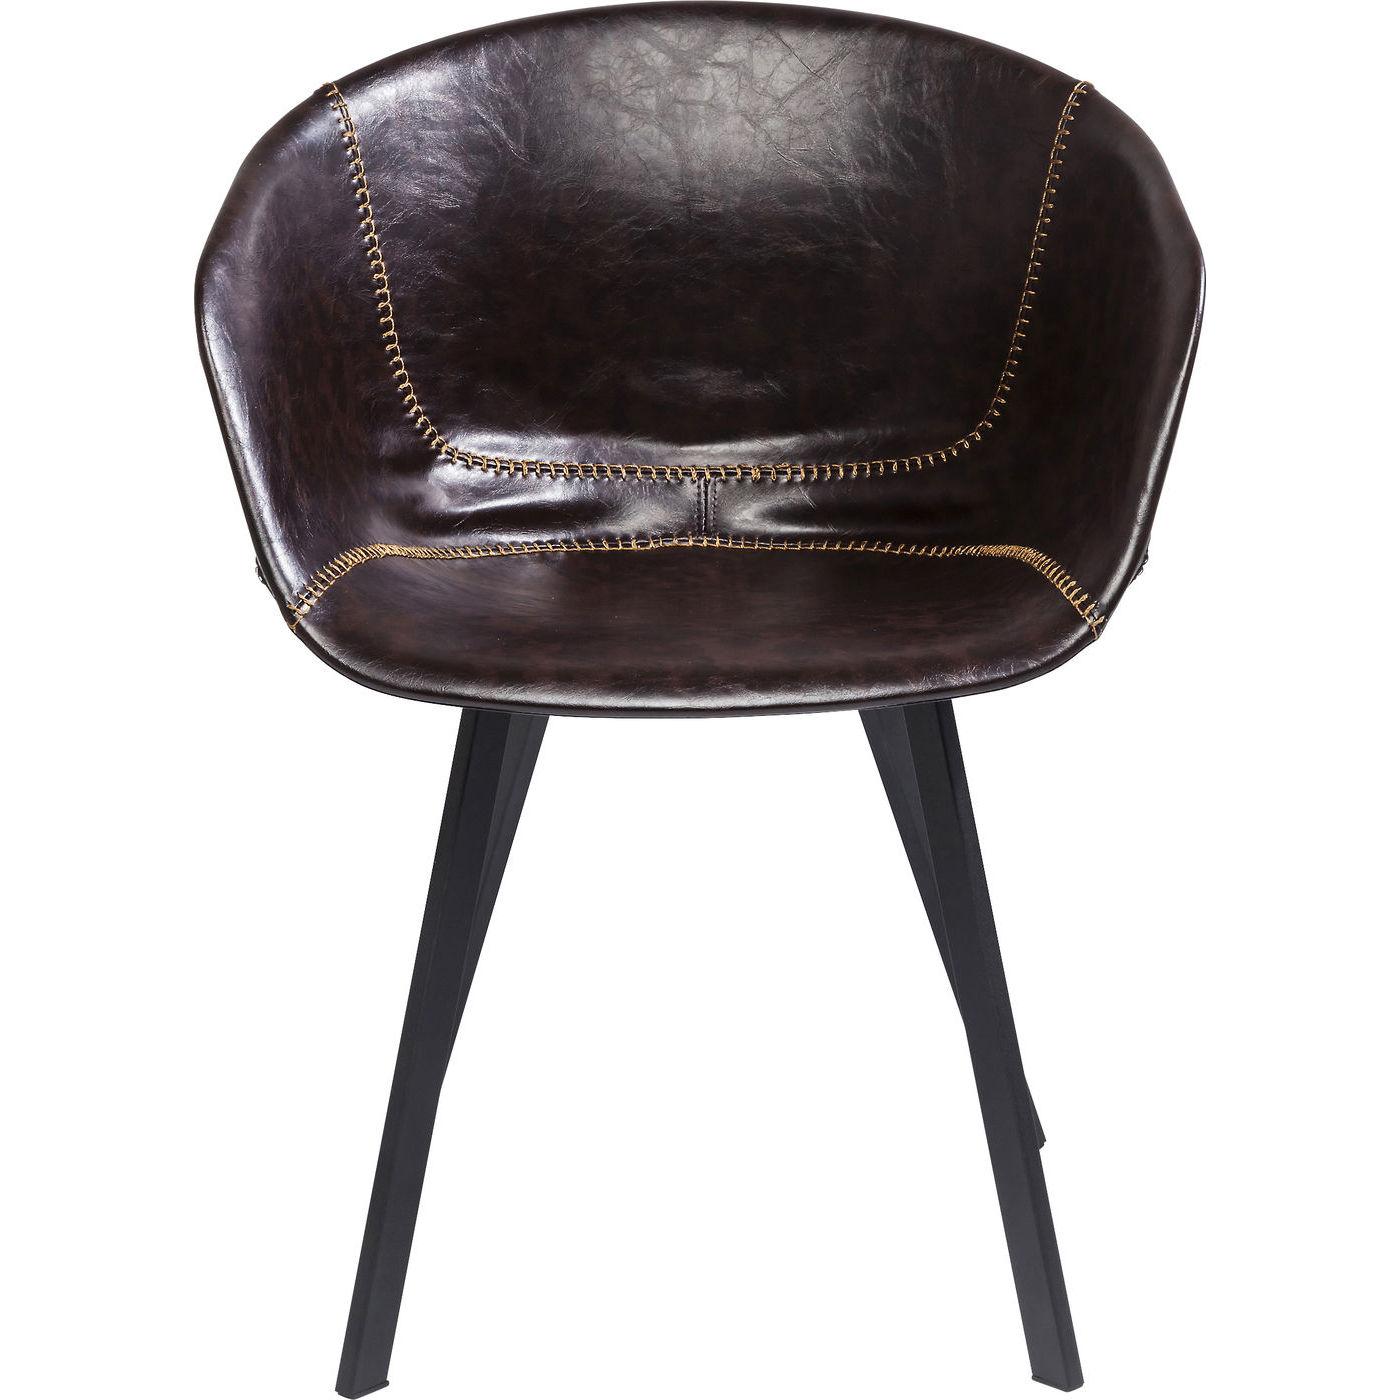 KARE DESIGN Lounge Brown spisebordsstol - brunt læderlook/sort stål, m. armlæn